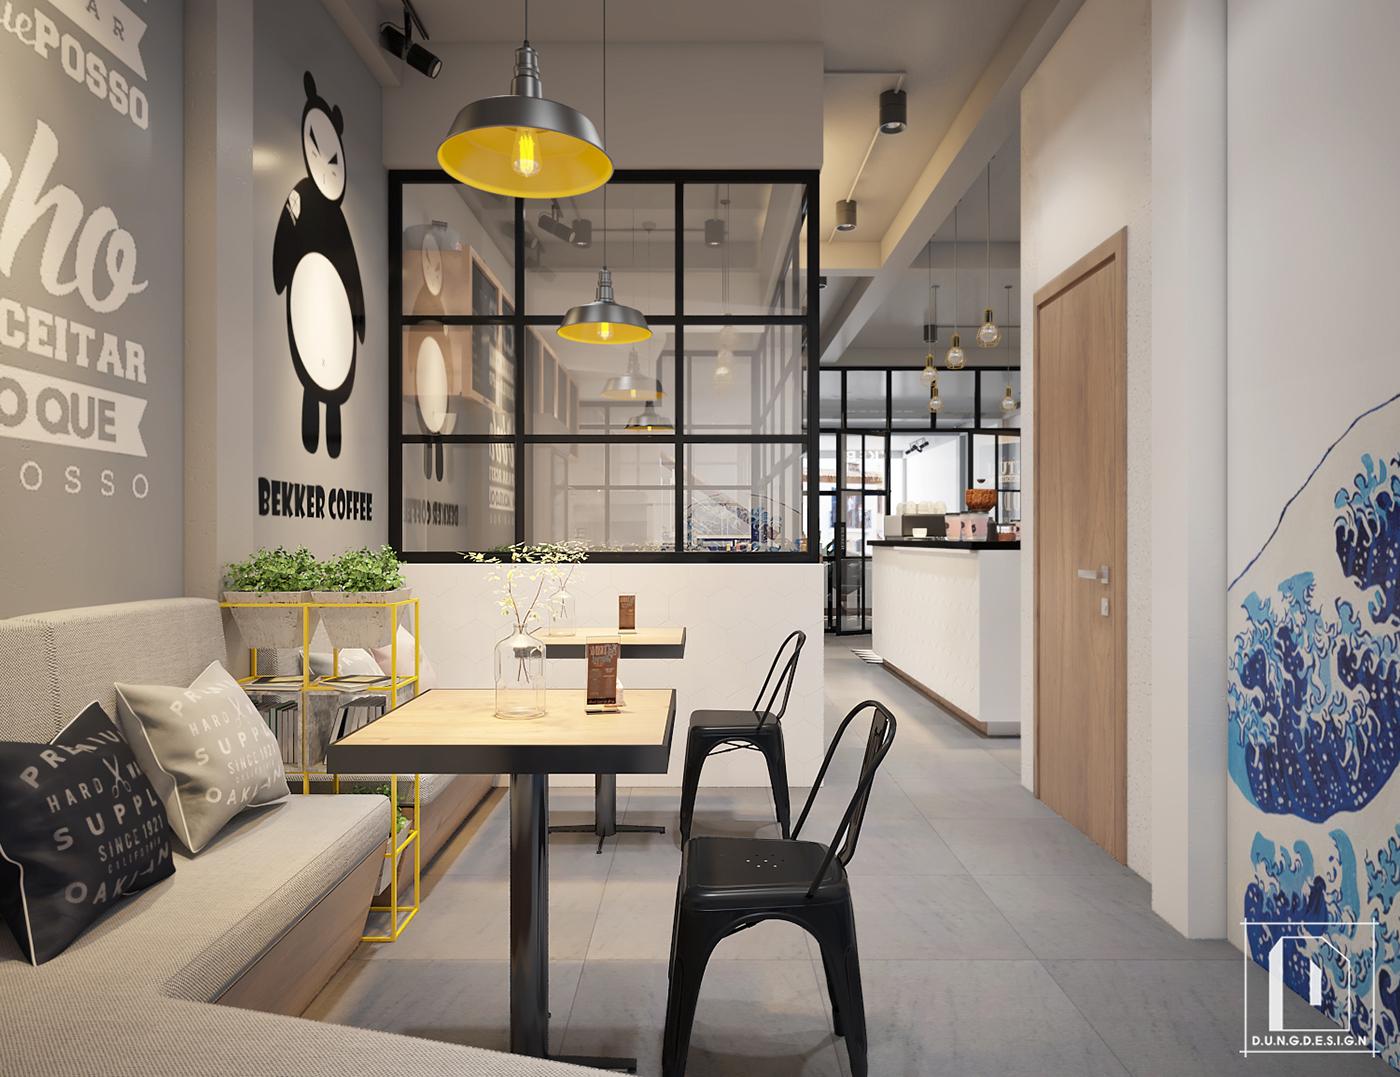 thiết kế nội thất Cafe tại Hồ Chí Minh Bekker Coffee 21 1538453261